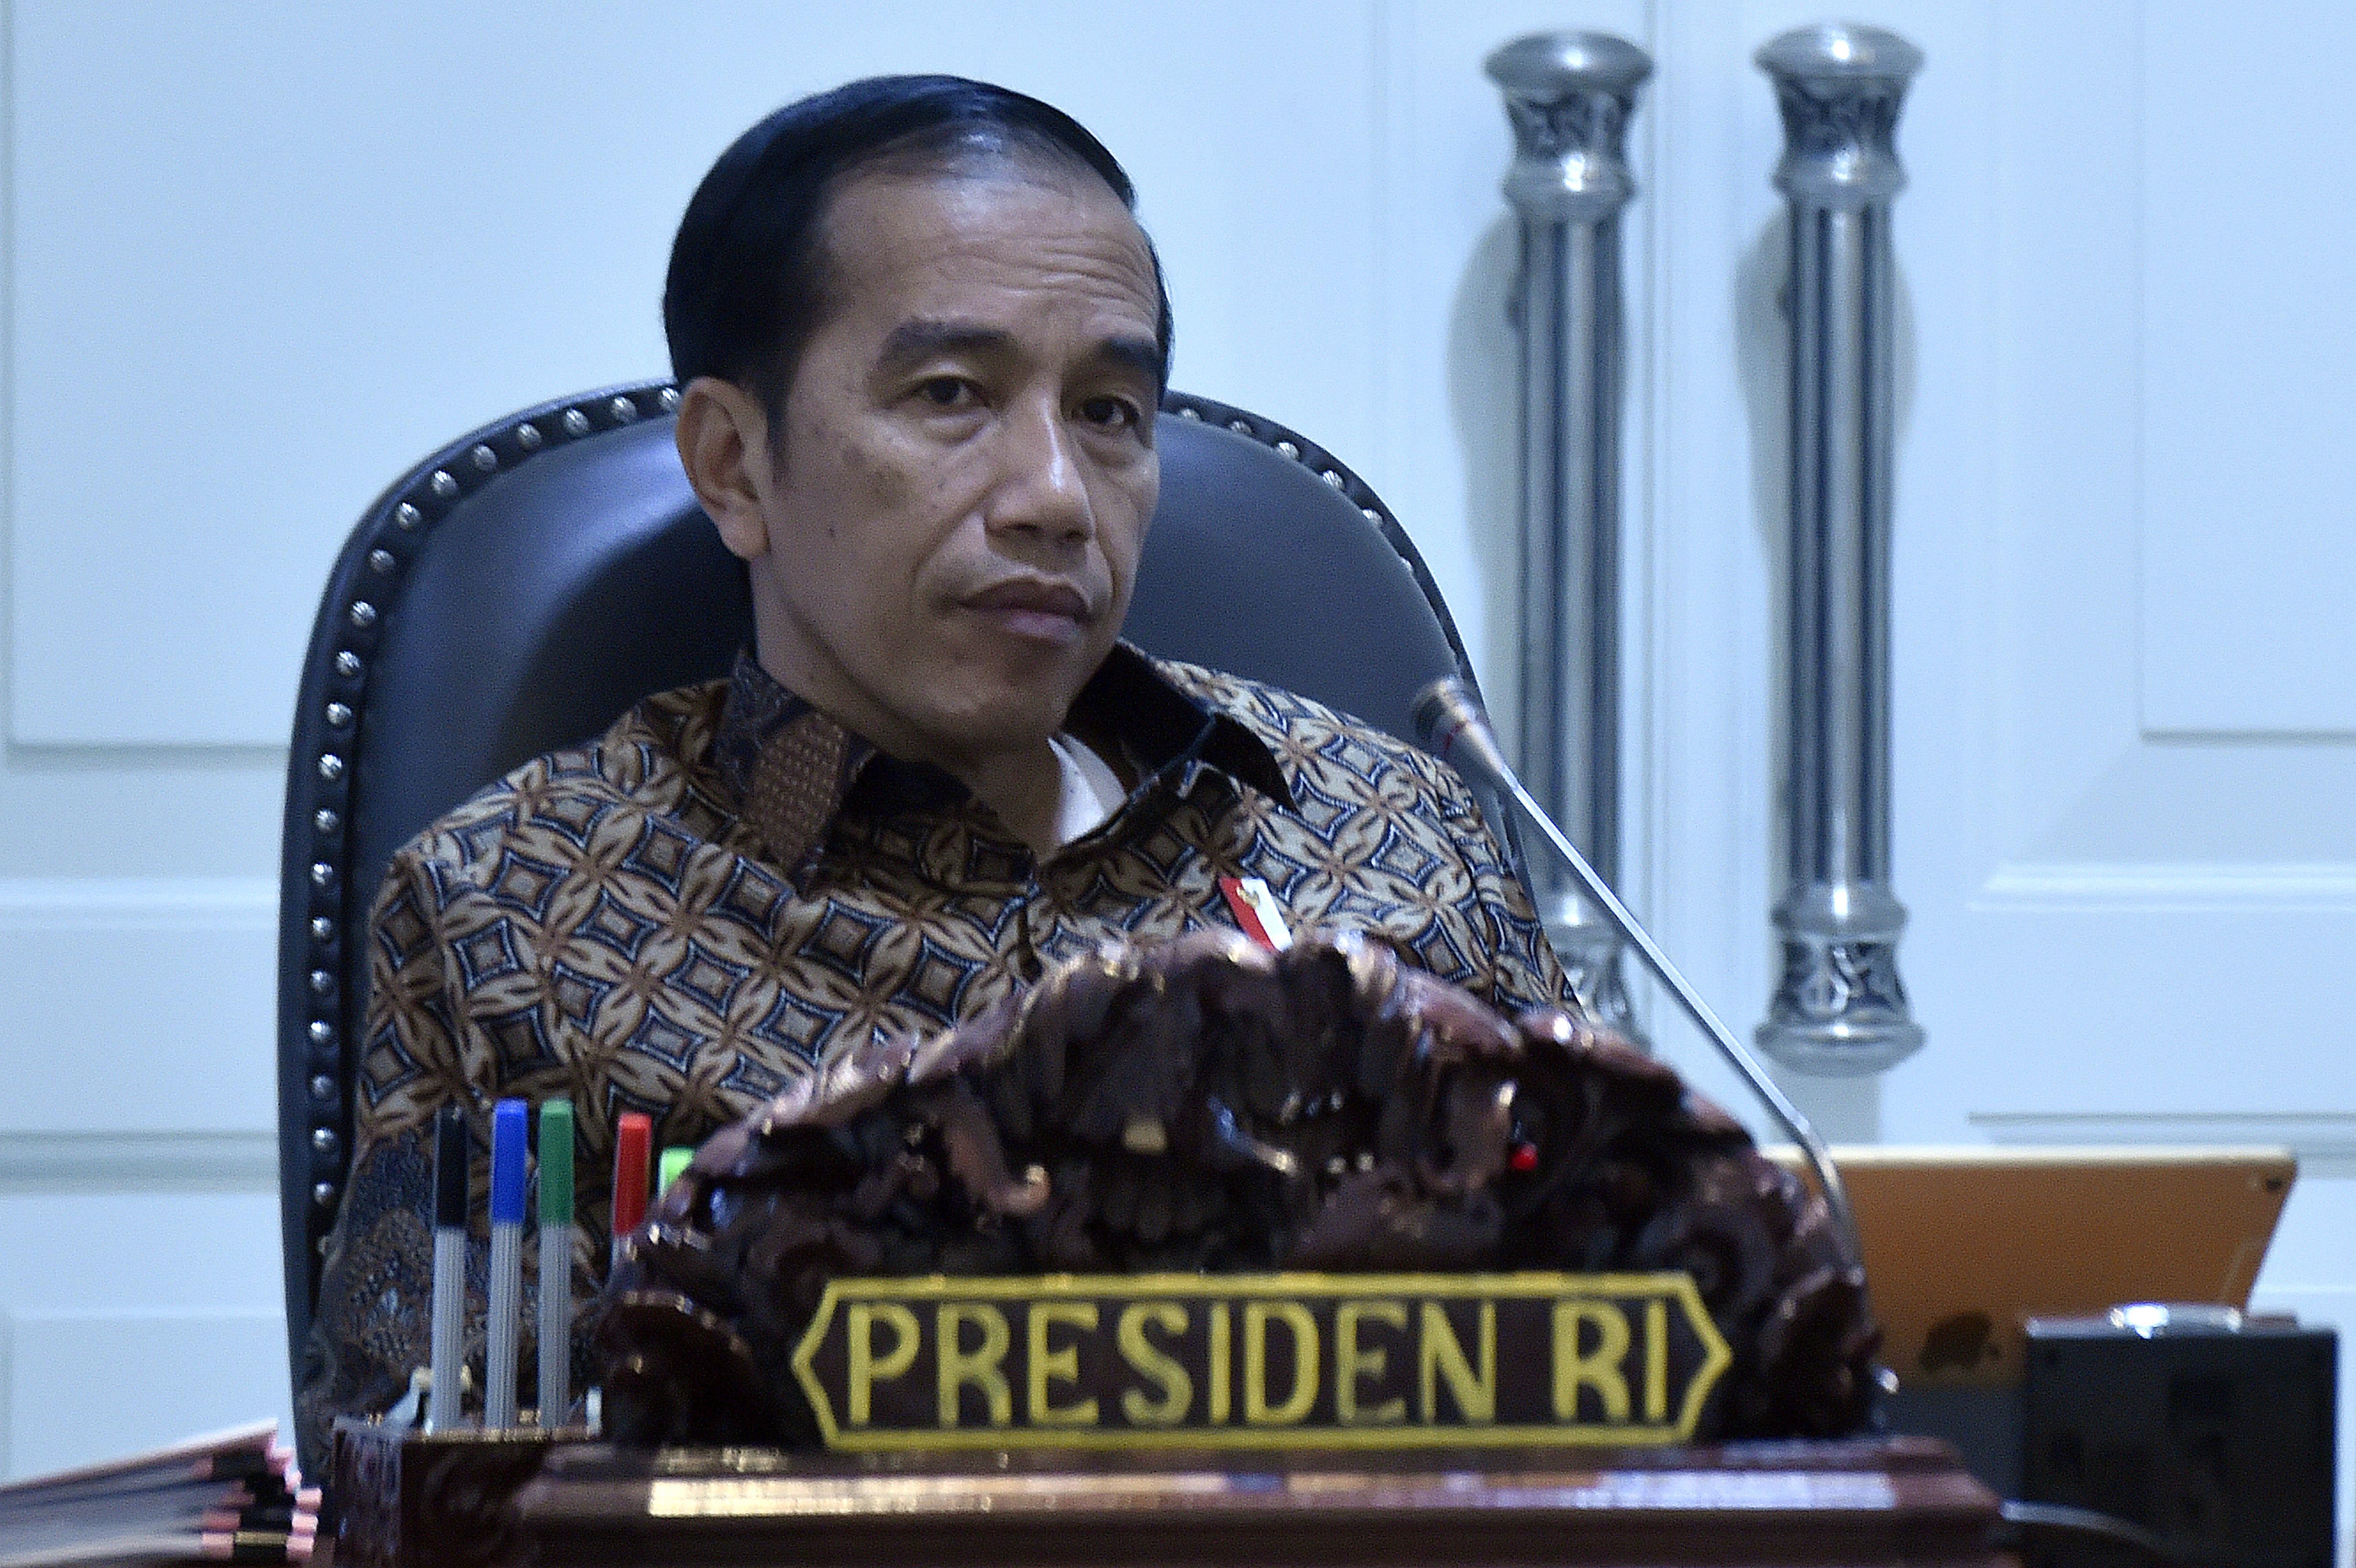 RAPAT. Presiden Joko Widodo bersiap memimpin rapat terbatas tentang perkembangan implementasi program pengentasan kemiskinan di Kantor Presiden, Jakarta, Selasa, 25 Juli. Foto oleh Puspa Perwitasari/ANTARA